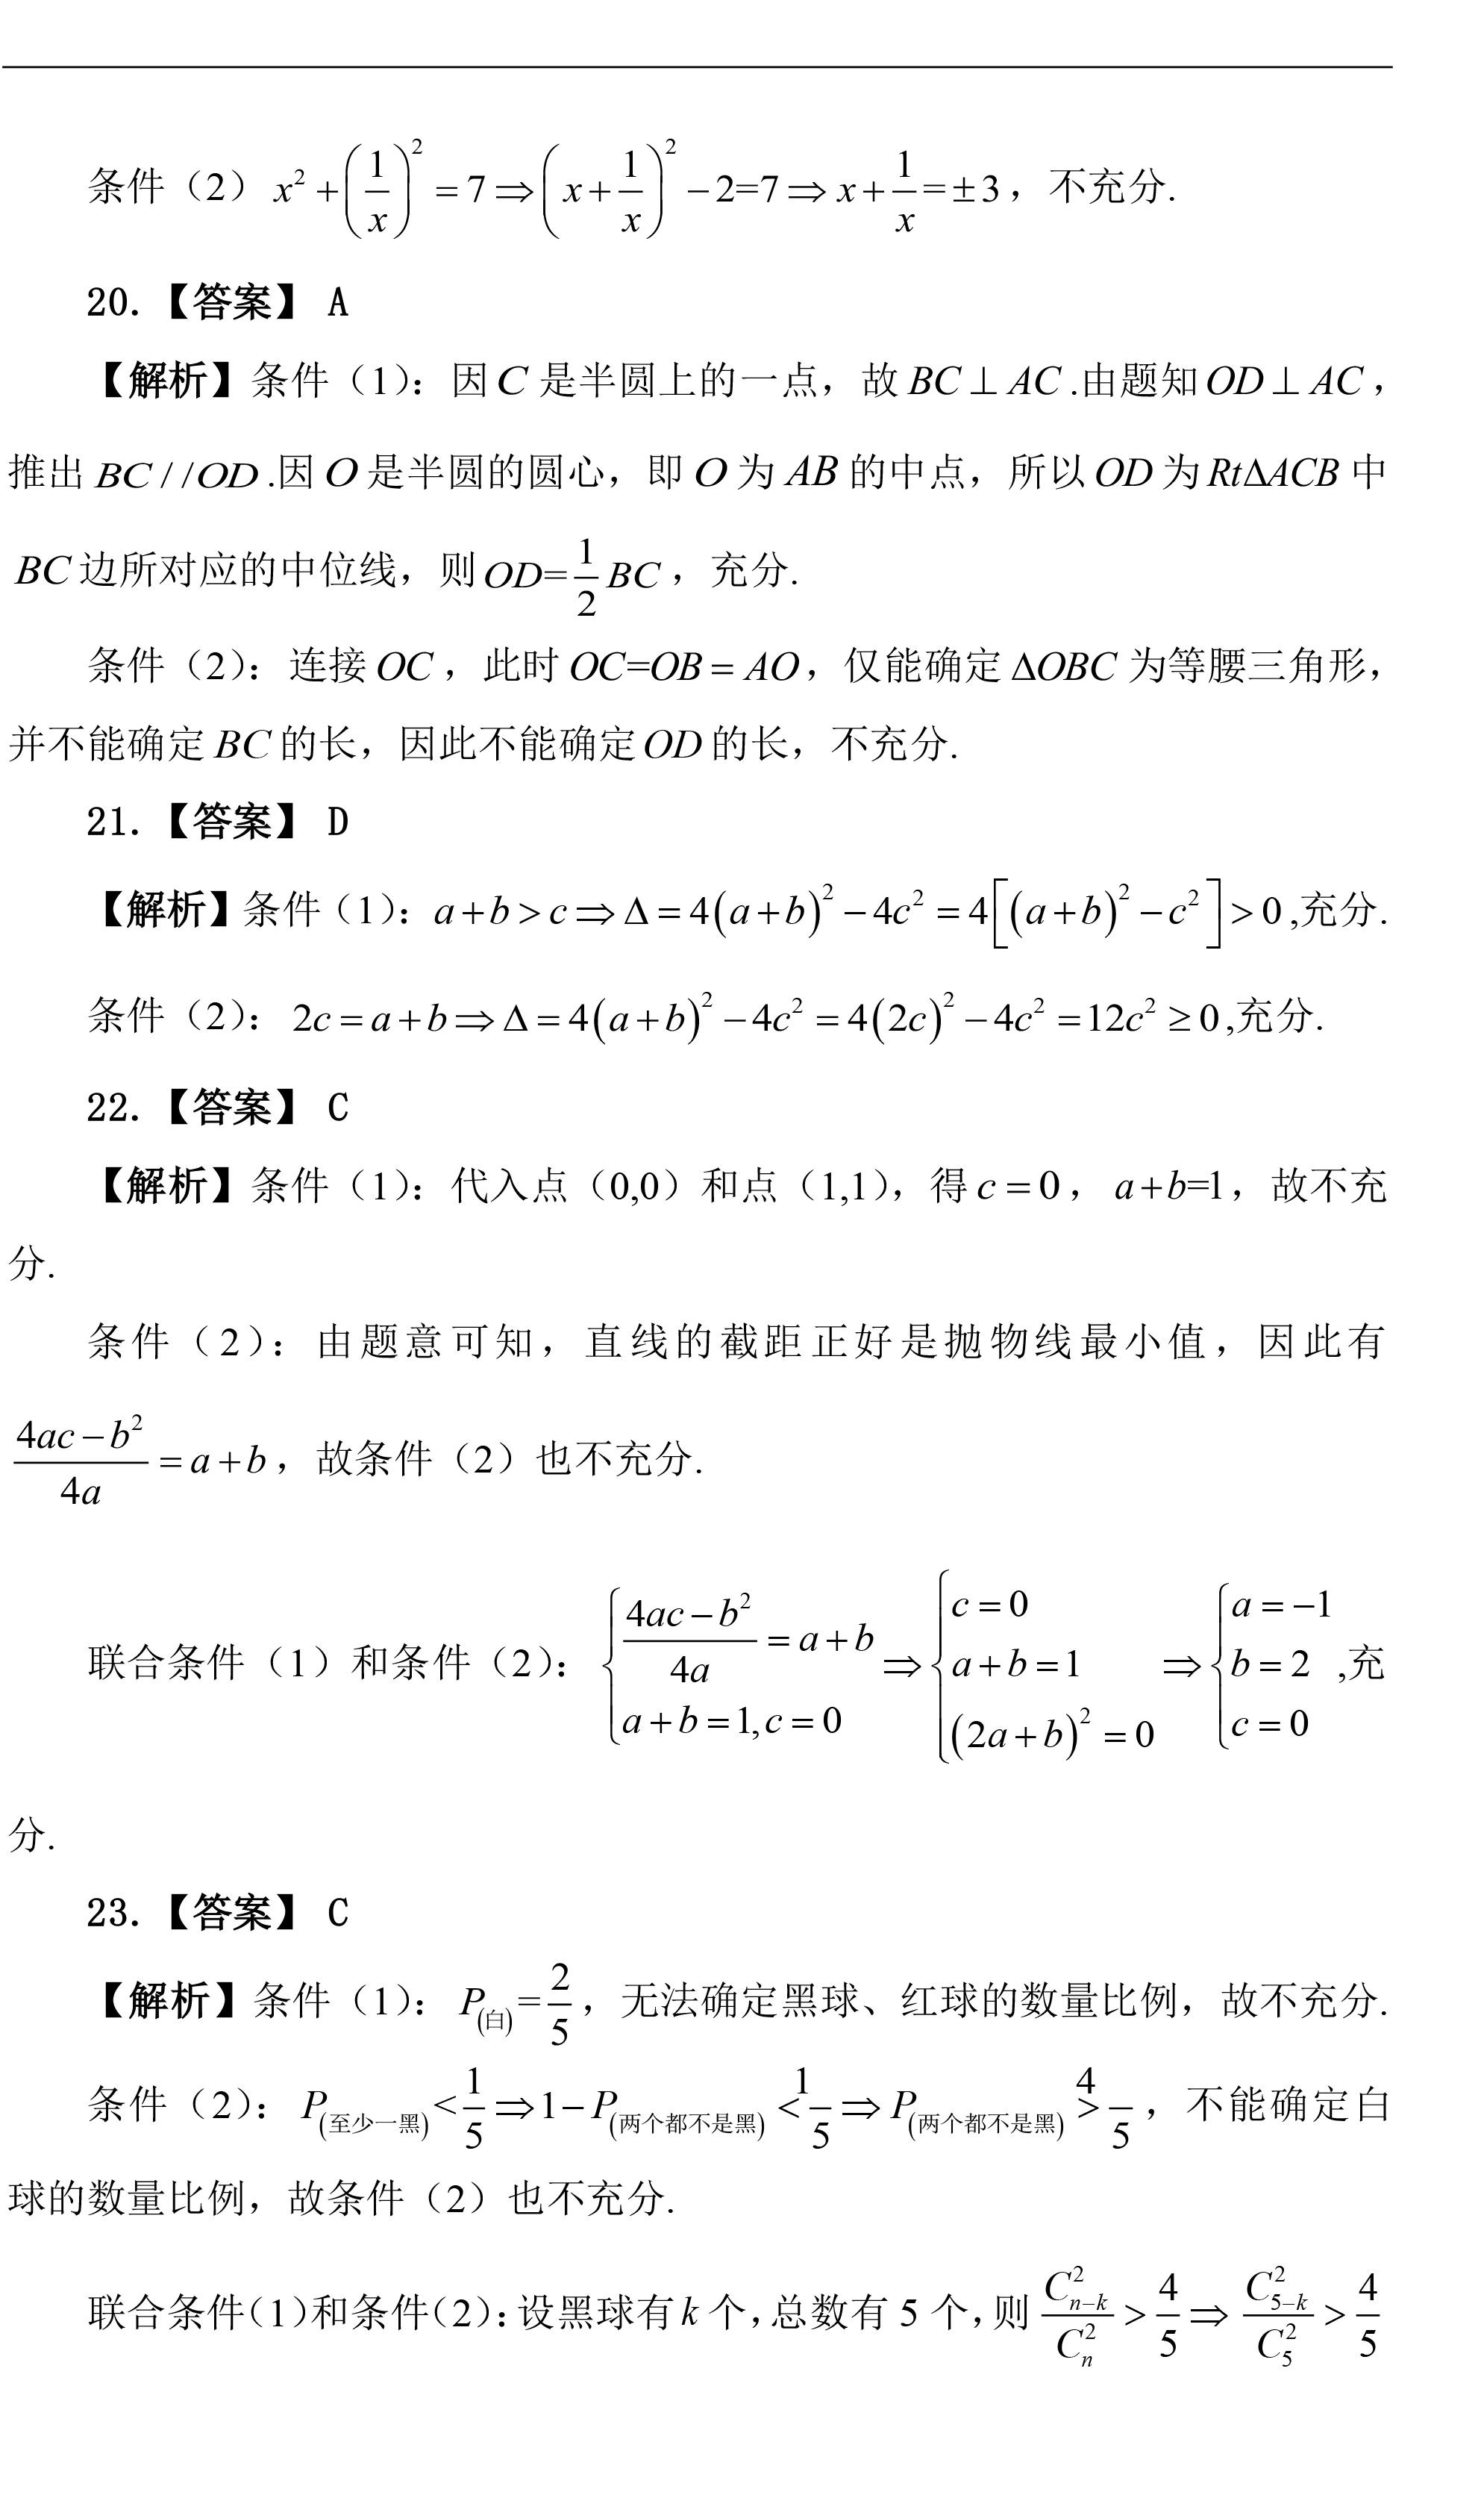 真题试卷集-综合-2014~2018-解析-5.jpg